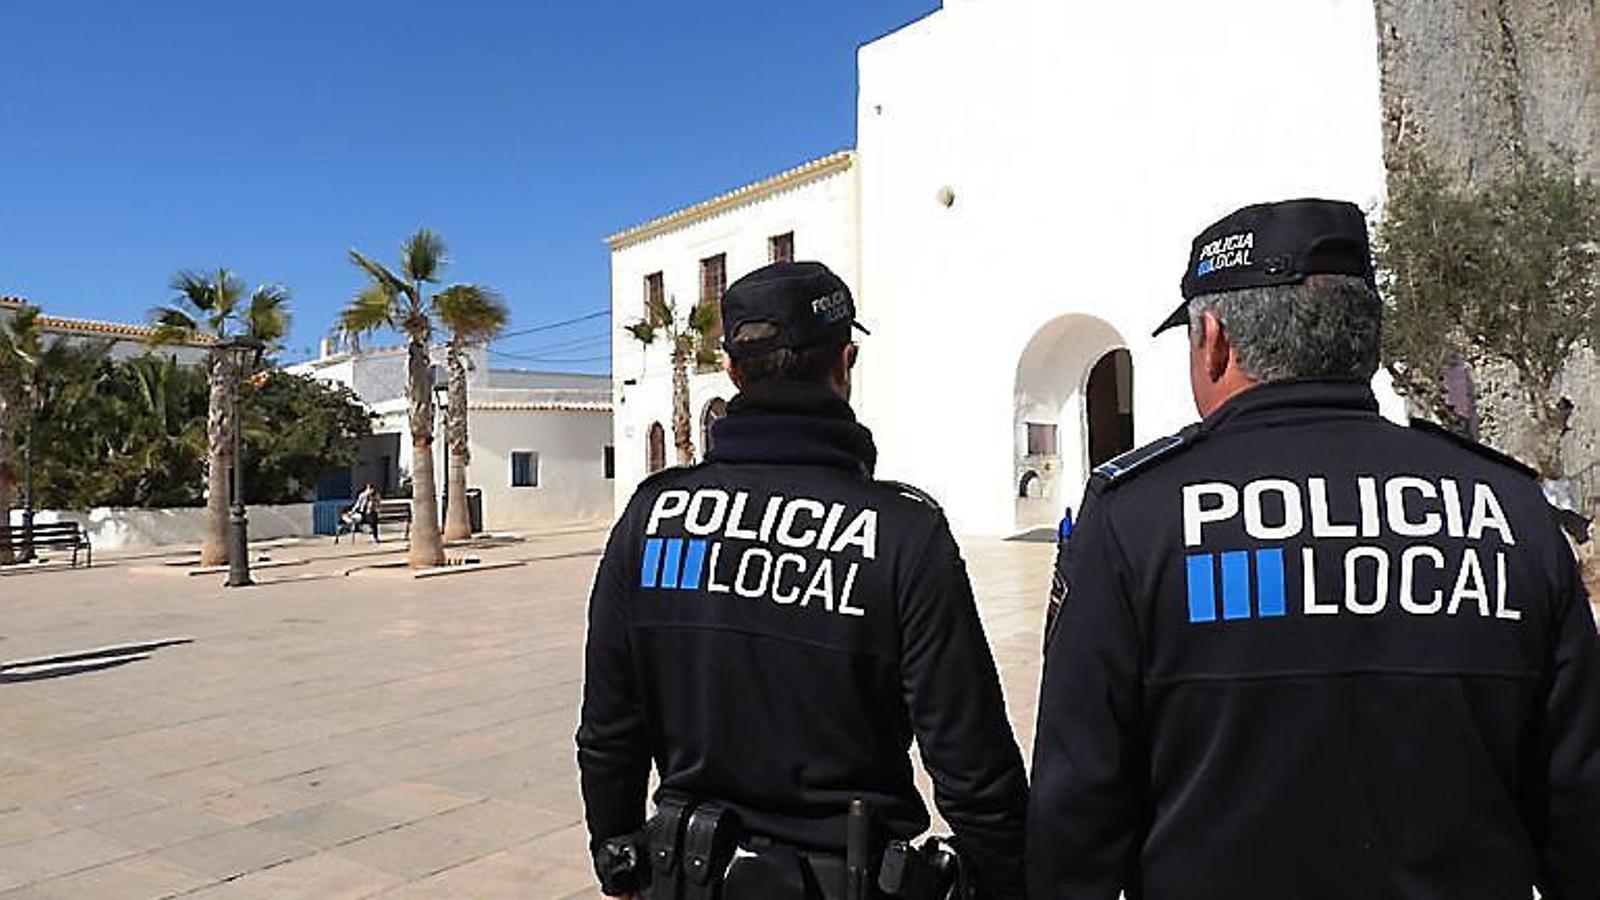 MÉS per Mallorca es reunirà amb els sindicats de policies, guàrdies civils i col·lectius de policies locals els pròxims dies.